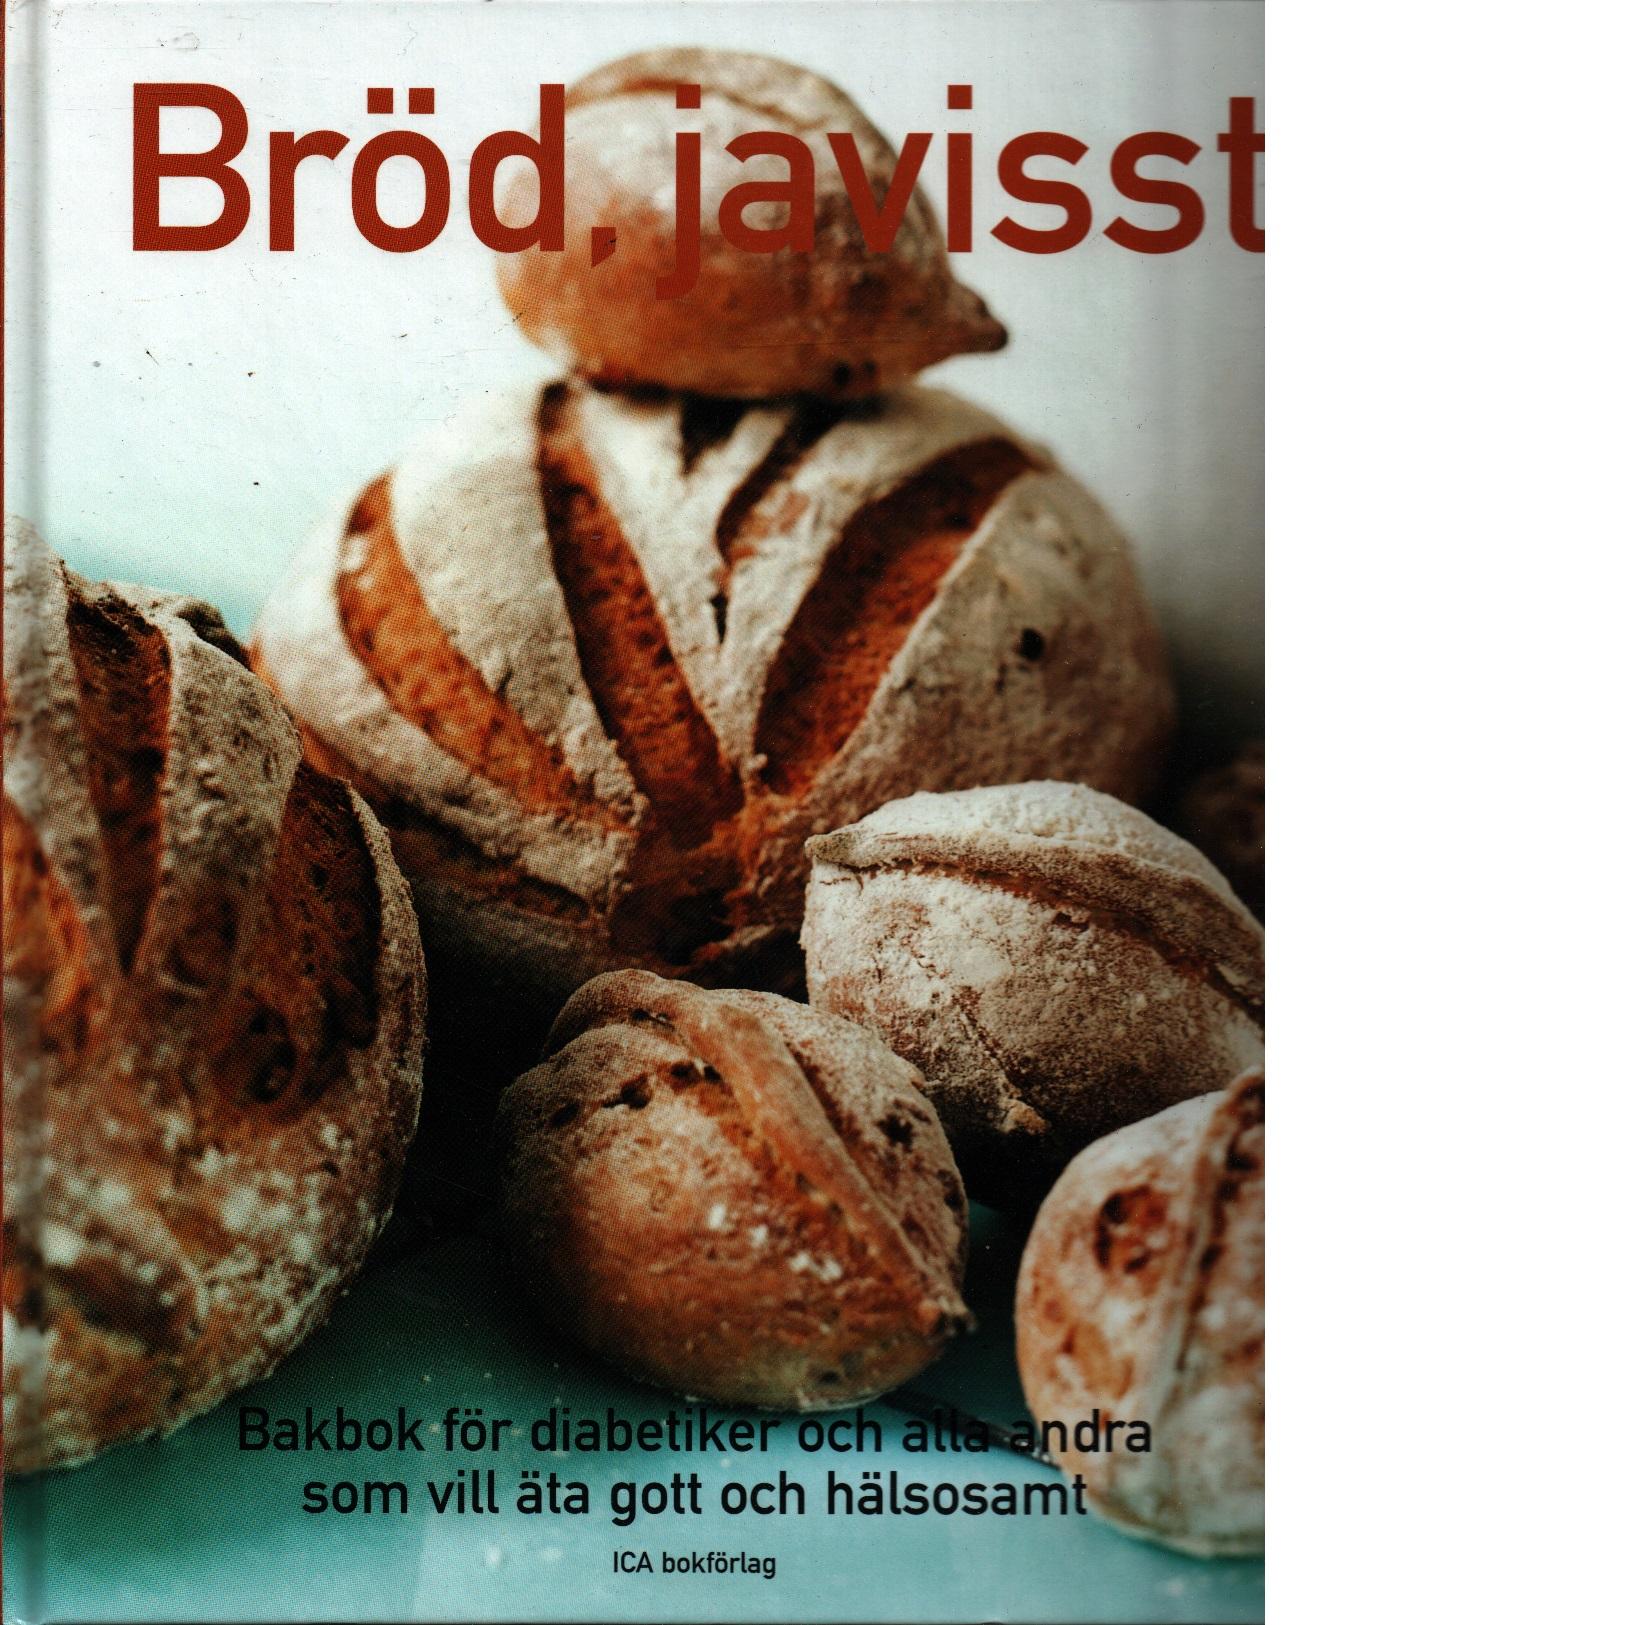 Bröd, javisst - Olsson, Tony och Johansson, Ted, samt  Mårtensson, Mattias